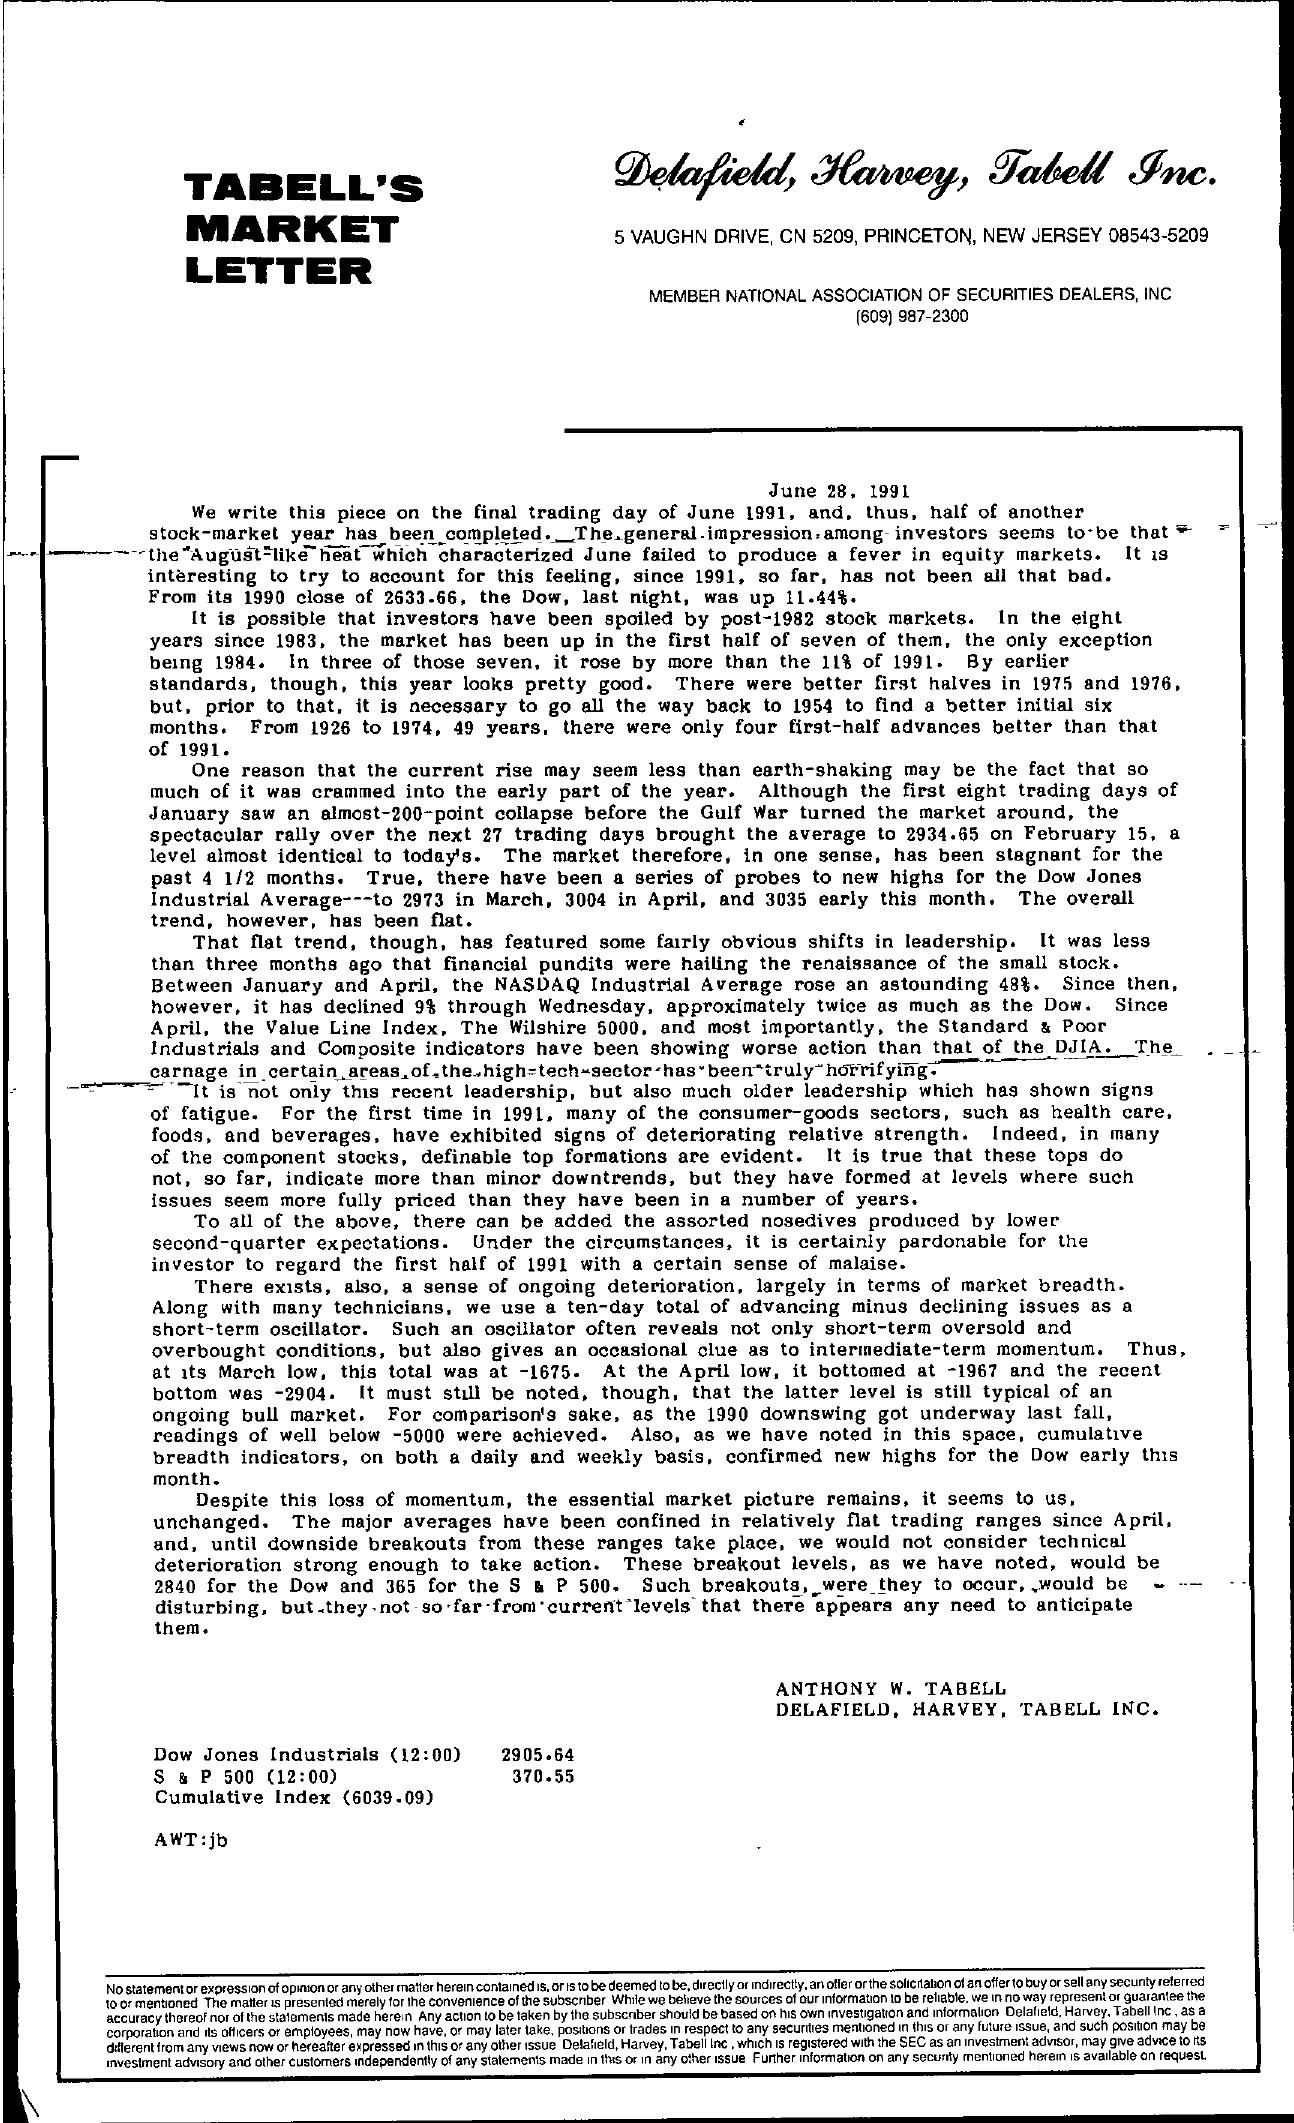 Tabell's Market Letter - June 28, 1991